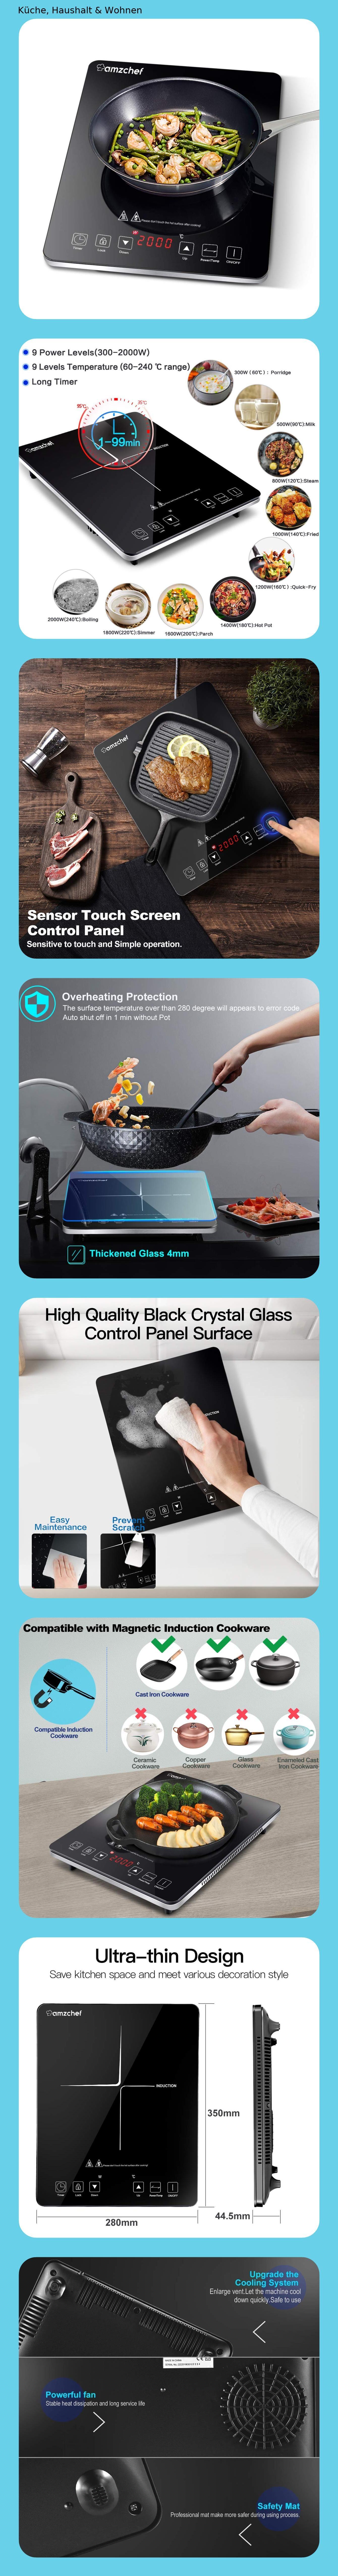 Induktionskochfeld,Amzchef einzel-induktionskochplatte mit schwarz polierter Kristallglasoberfl/äche,ultrad/ünnem tragbar Design Sensor-Touch-Steuerung und Sicherheitsschloss,2000W